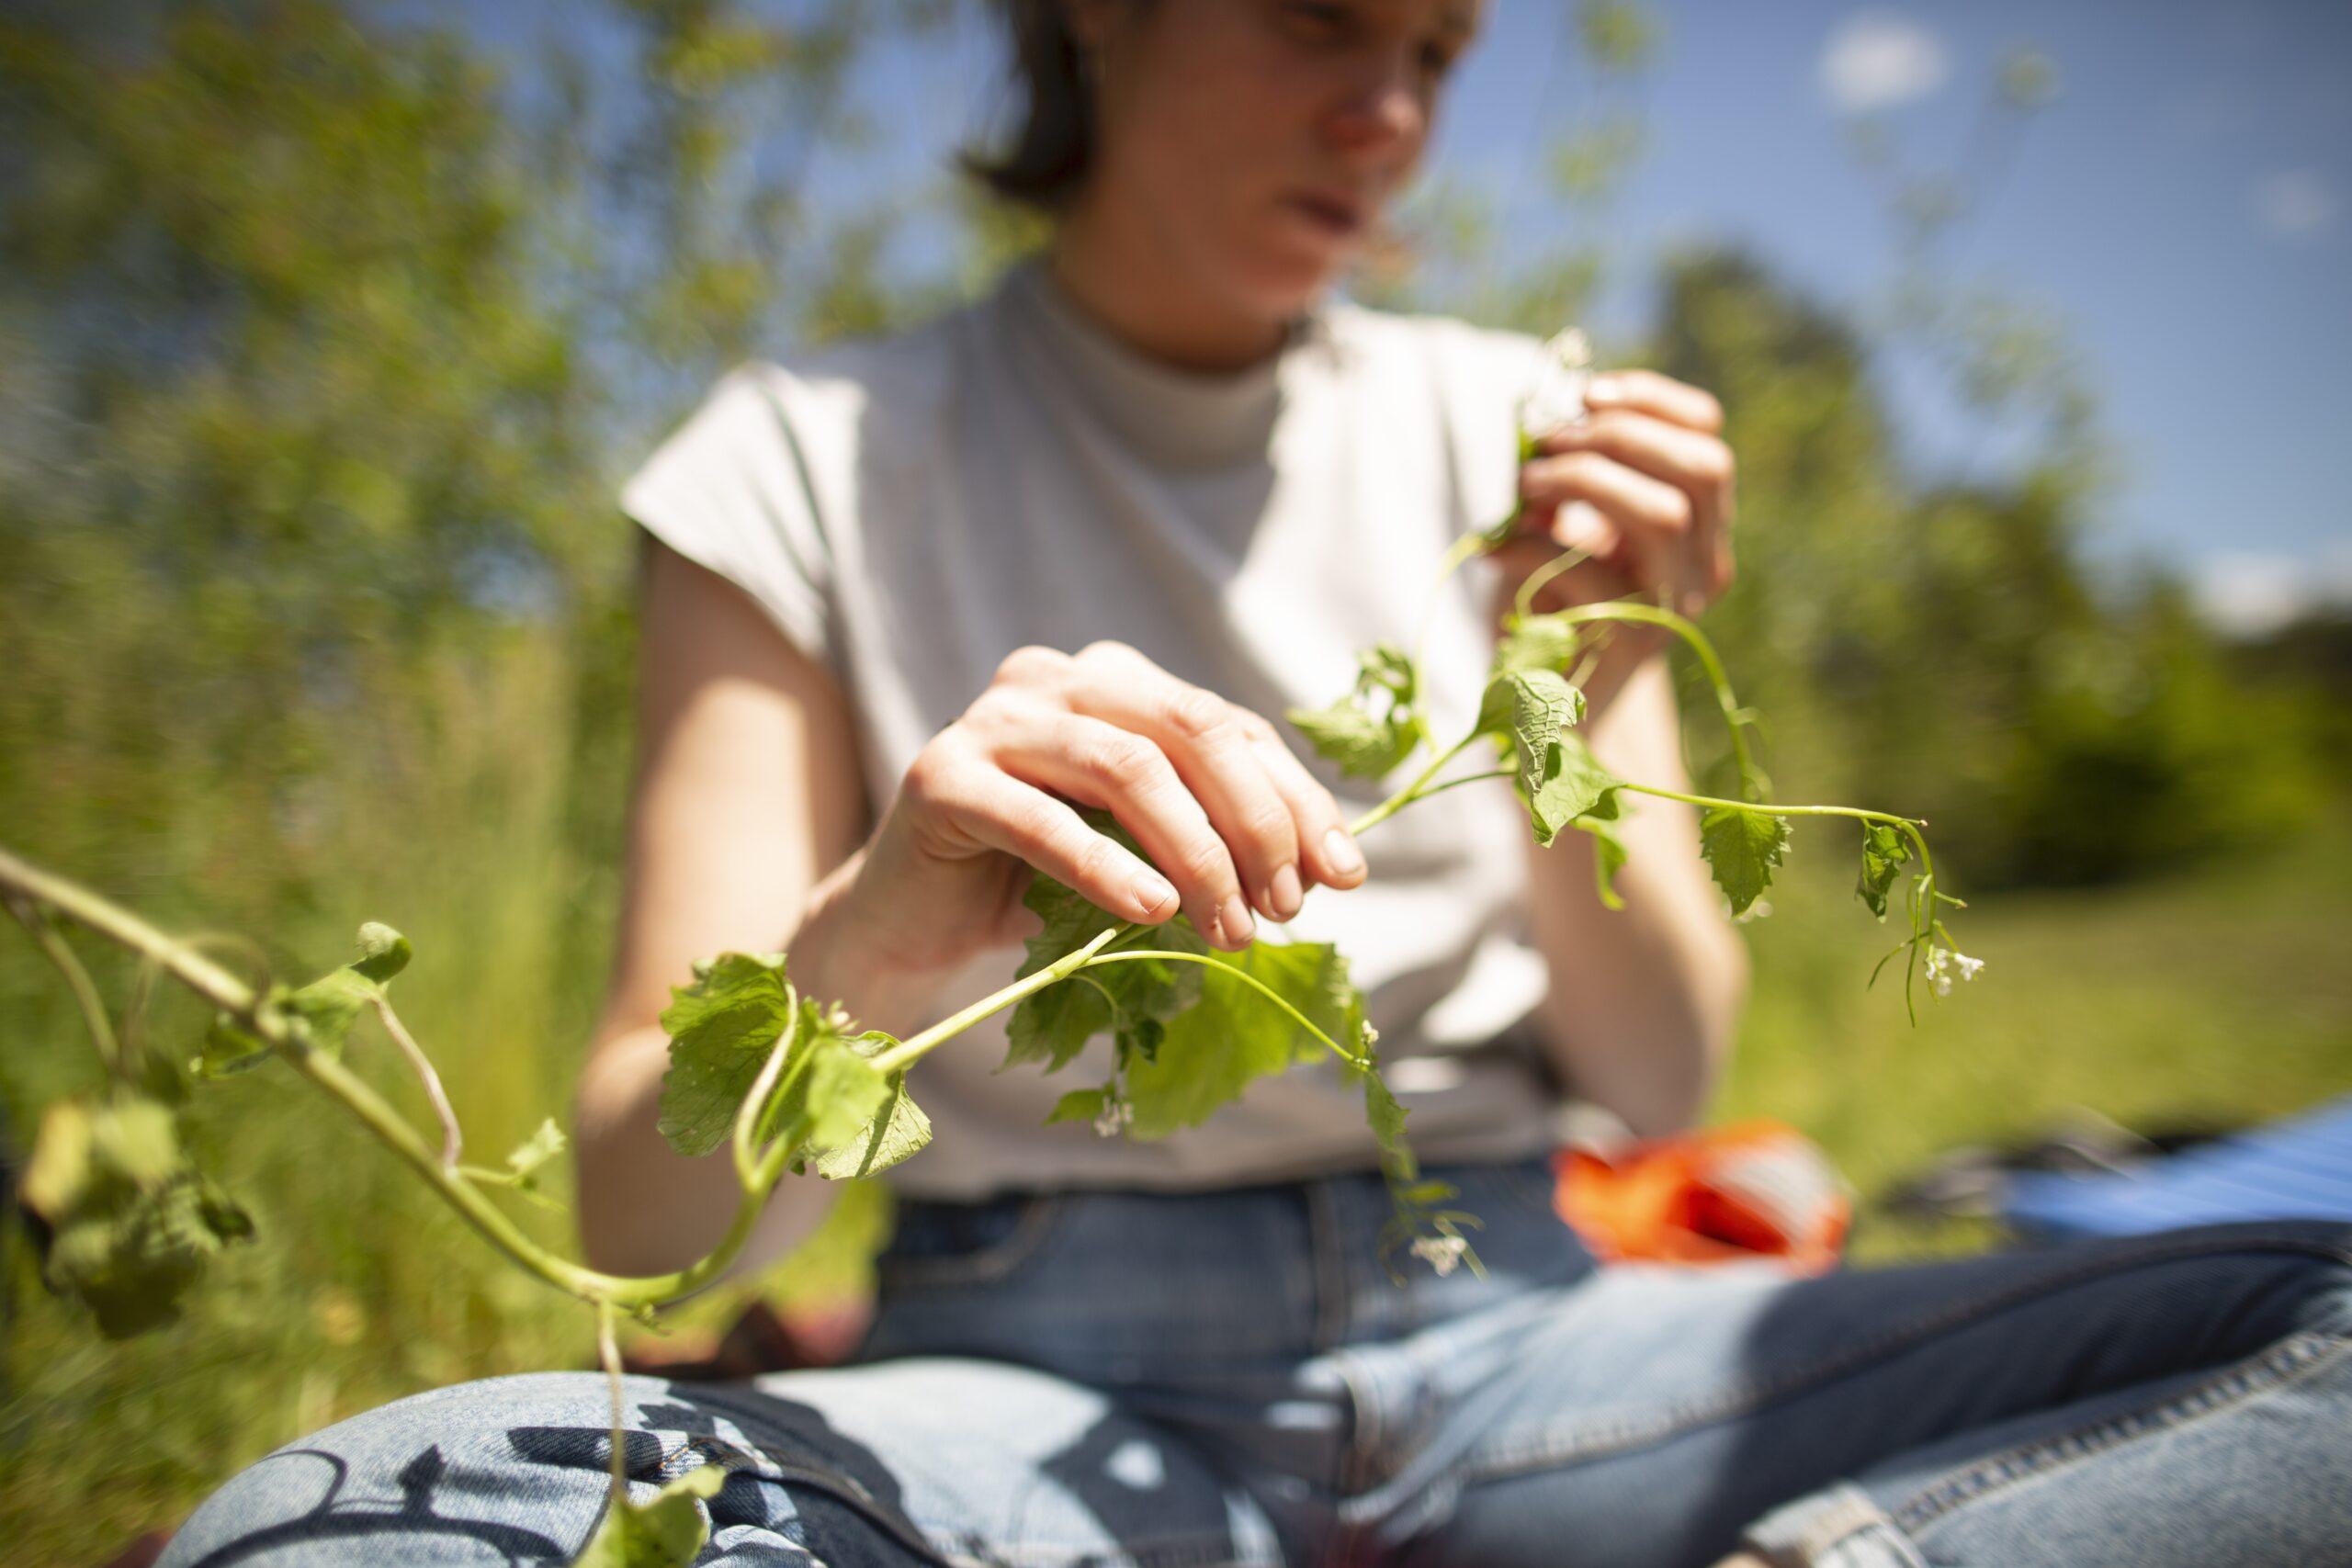 Wildnispädagogik-Ausbildung: Pflanzenkunde